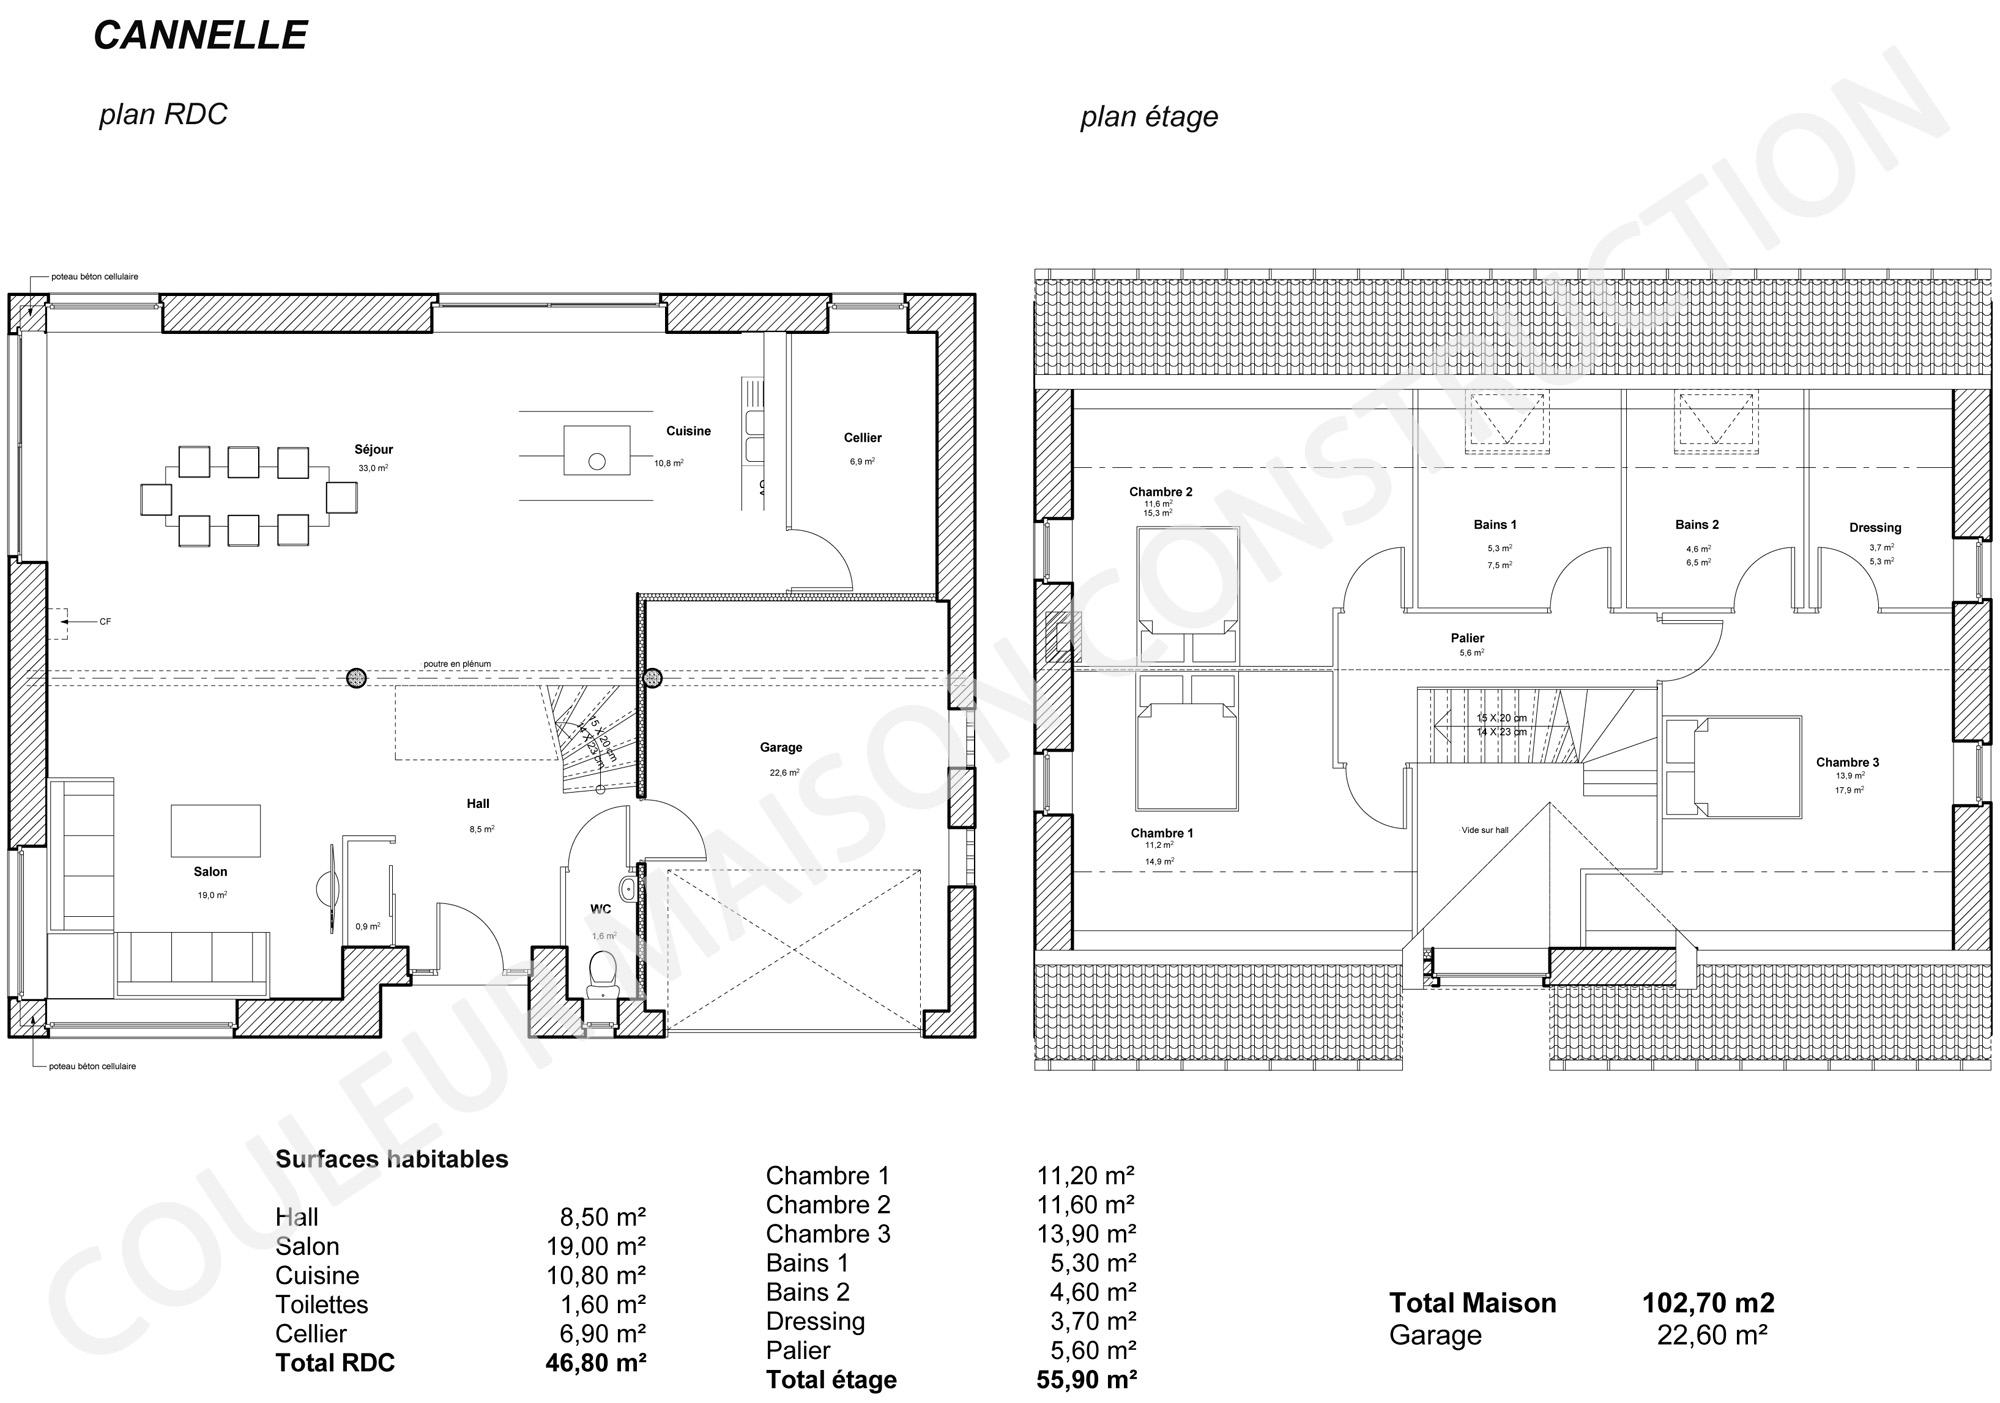 couleur maison construction: le plan de maison de notre modele ... - Exemple De Plan De Construction De Maison Gratuit